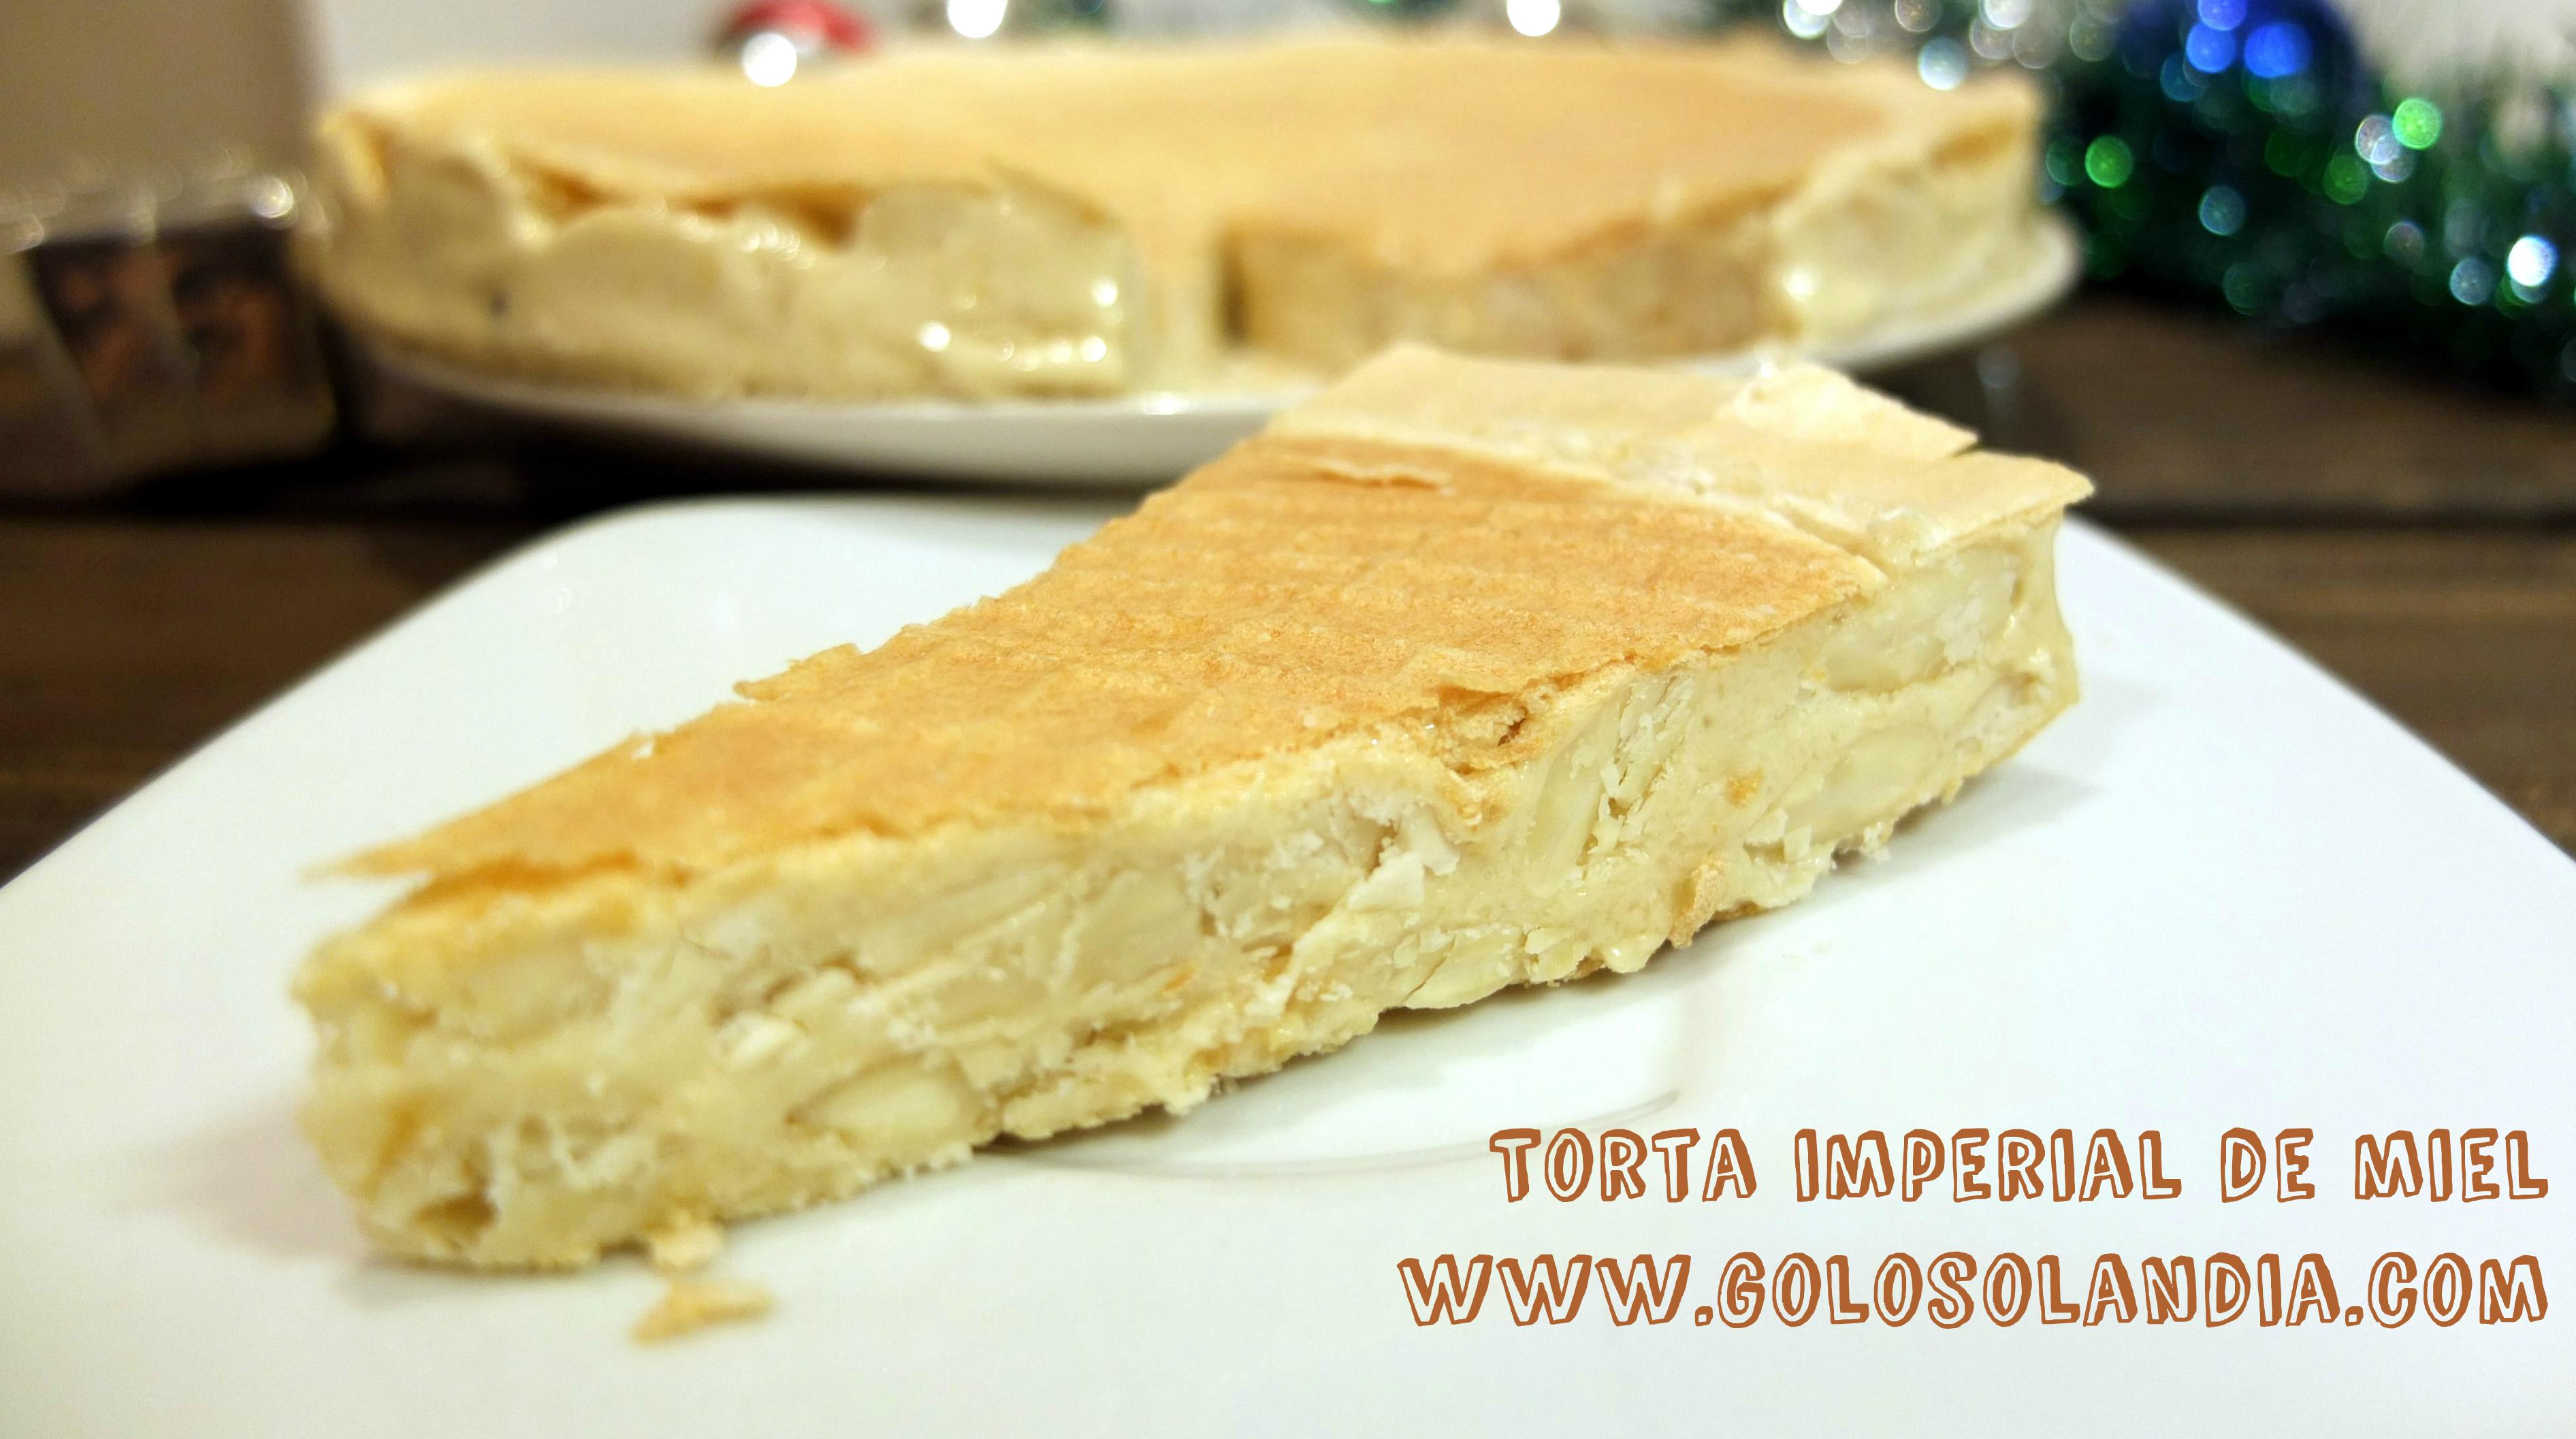 Torta imperial de miel